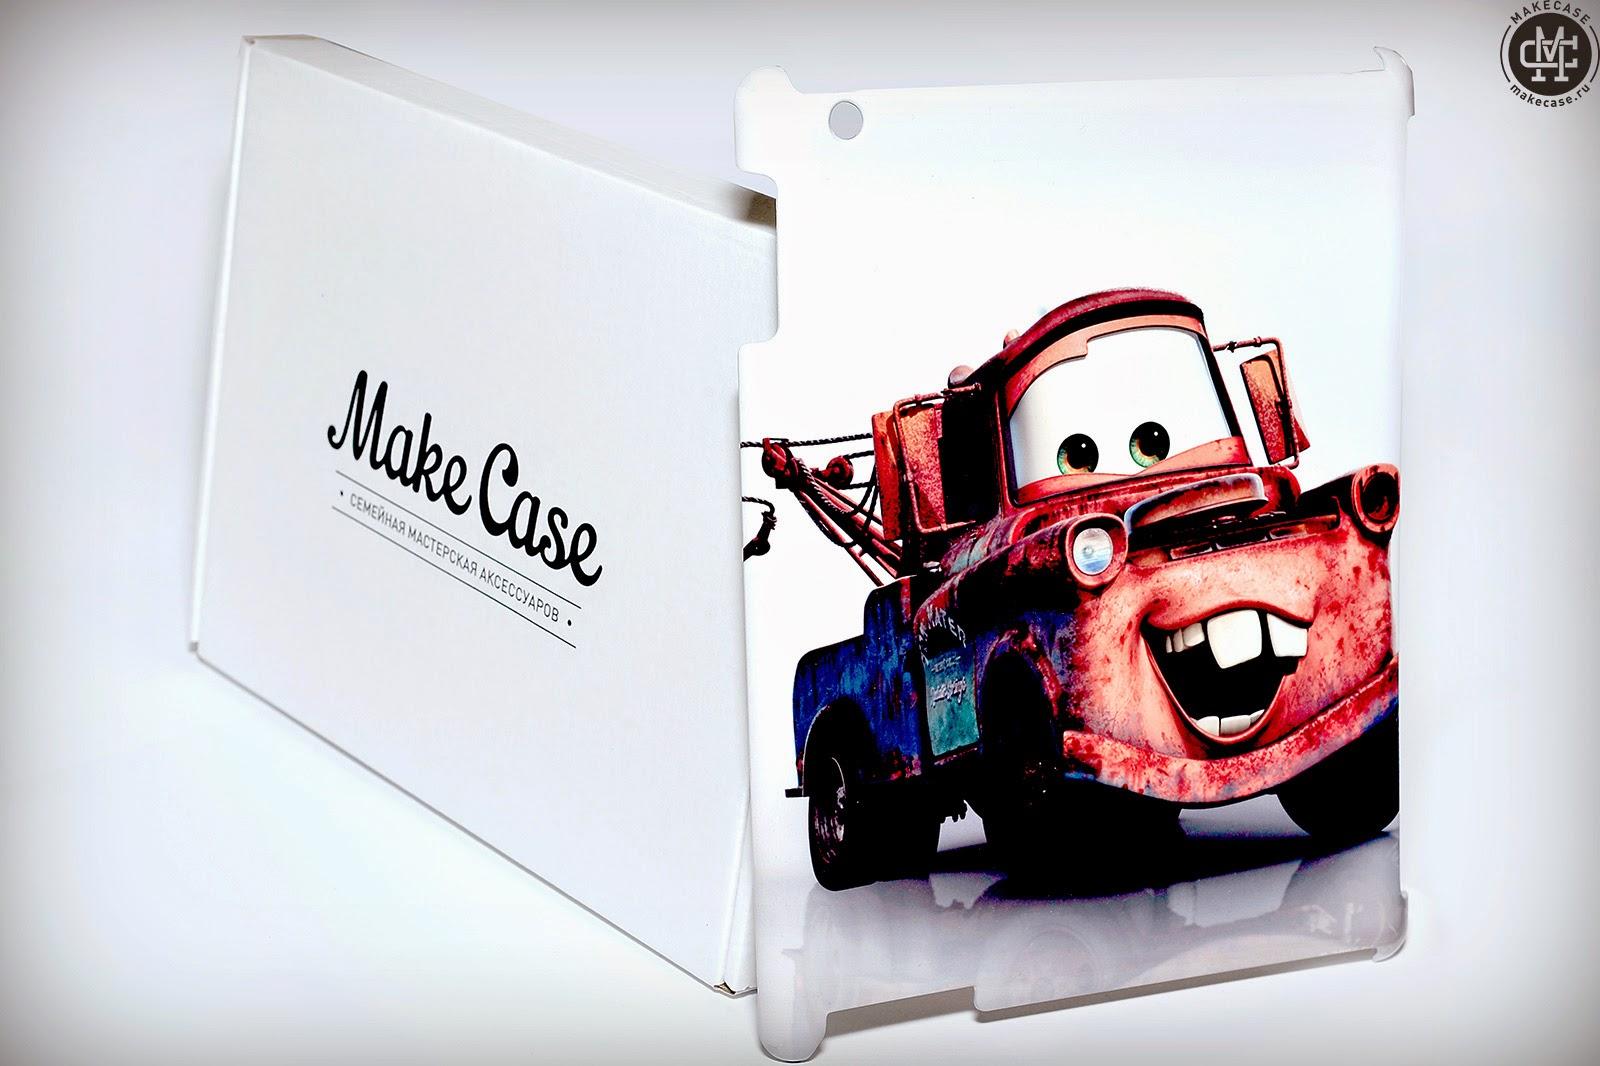 Чехлы от MakeCase